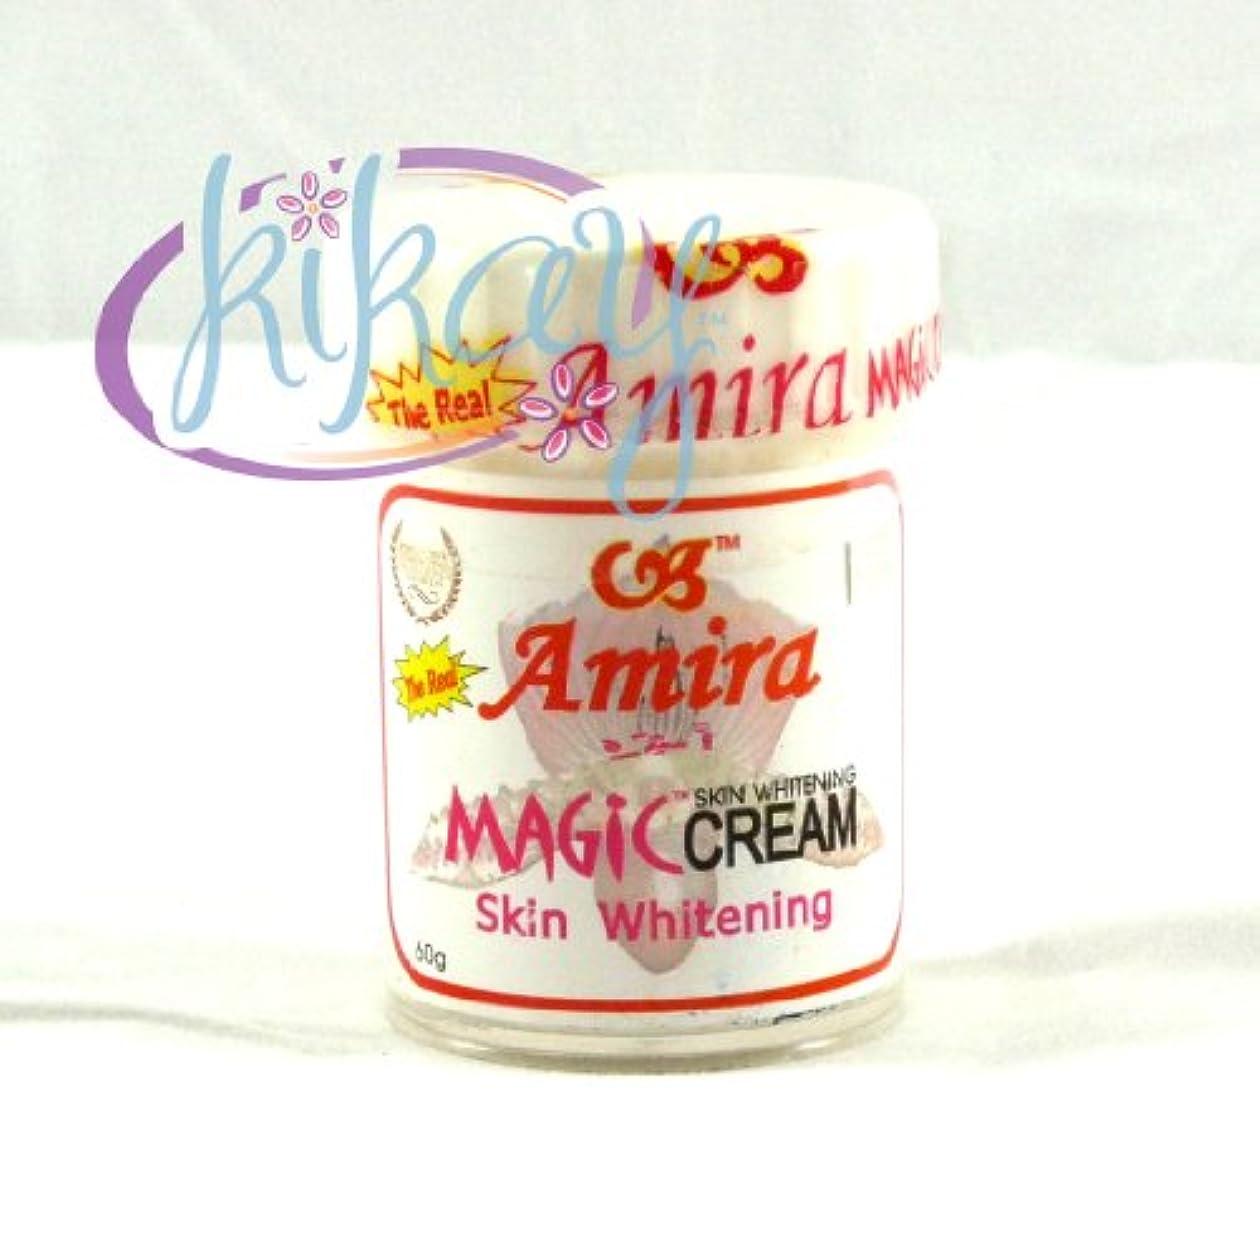 アカデミックモディッシュ貯水池AMIRA THE REAL MAGIC CREAM【SKIN WHITENING CREAM 60g】PHILIPPINES〈スキン ホワイトニング クリーム〉フィリピン